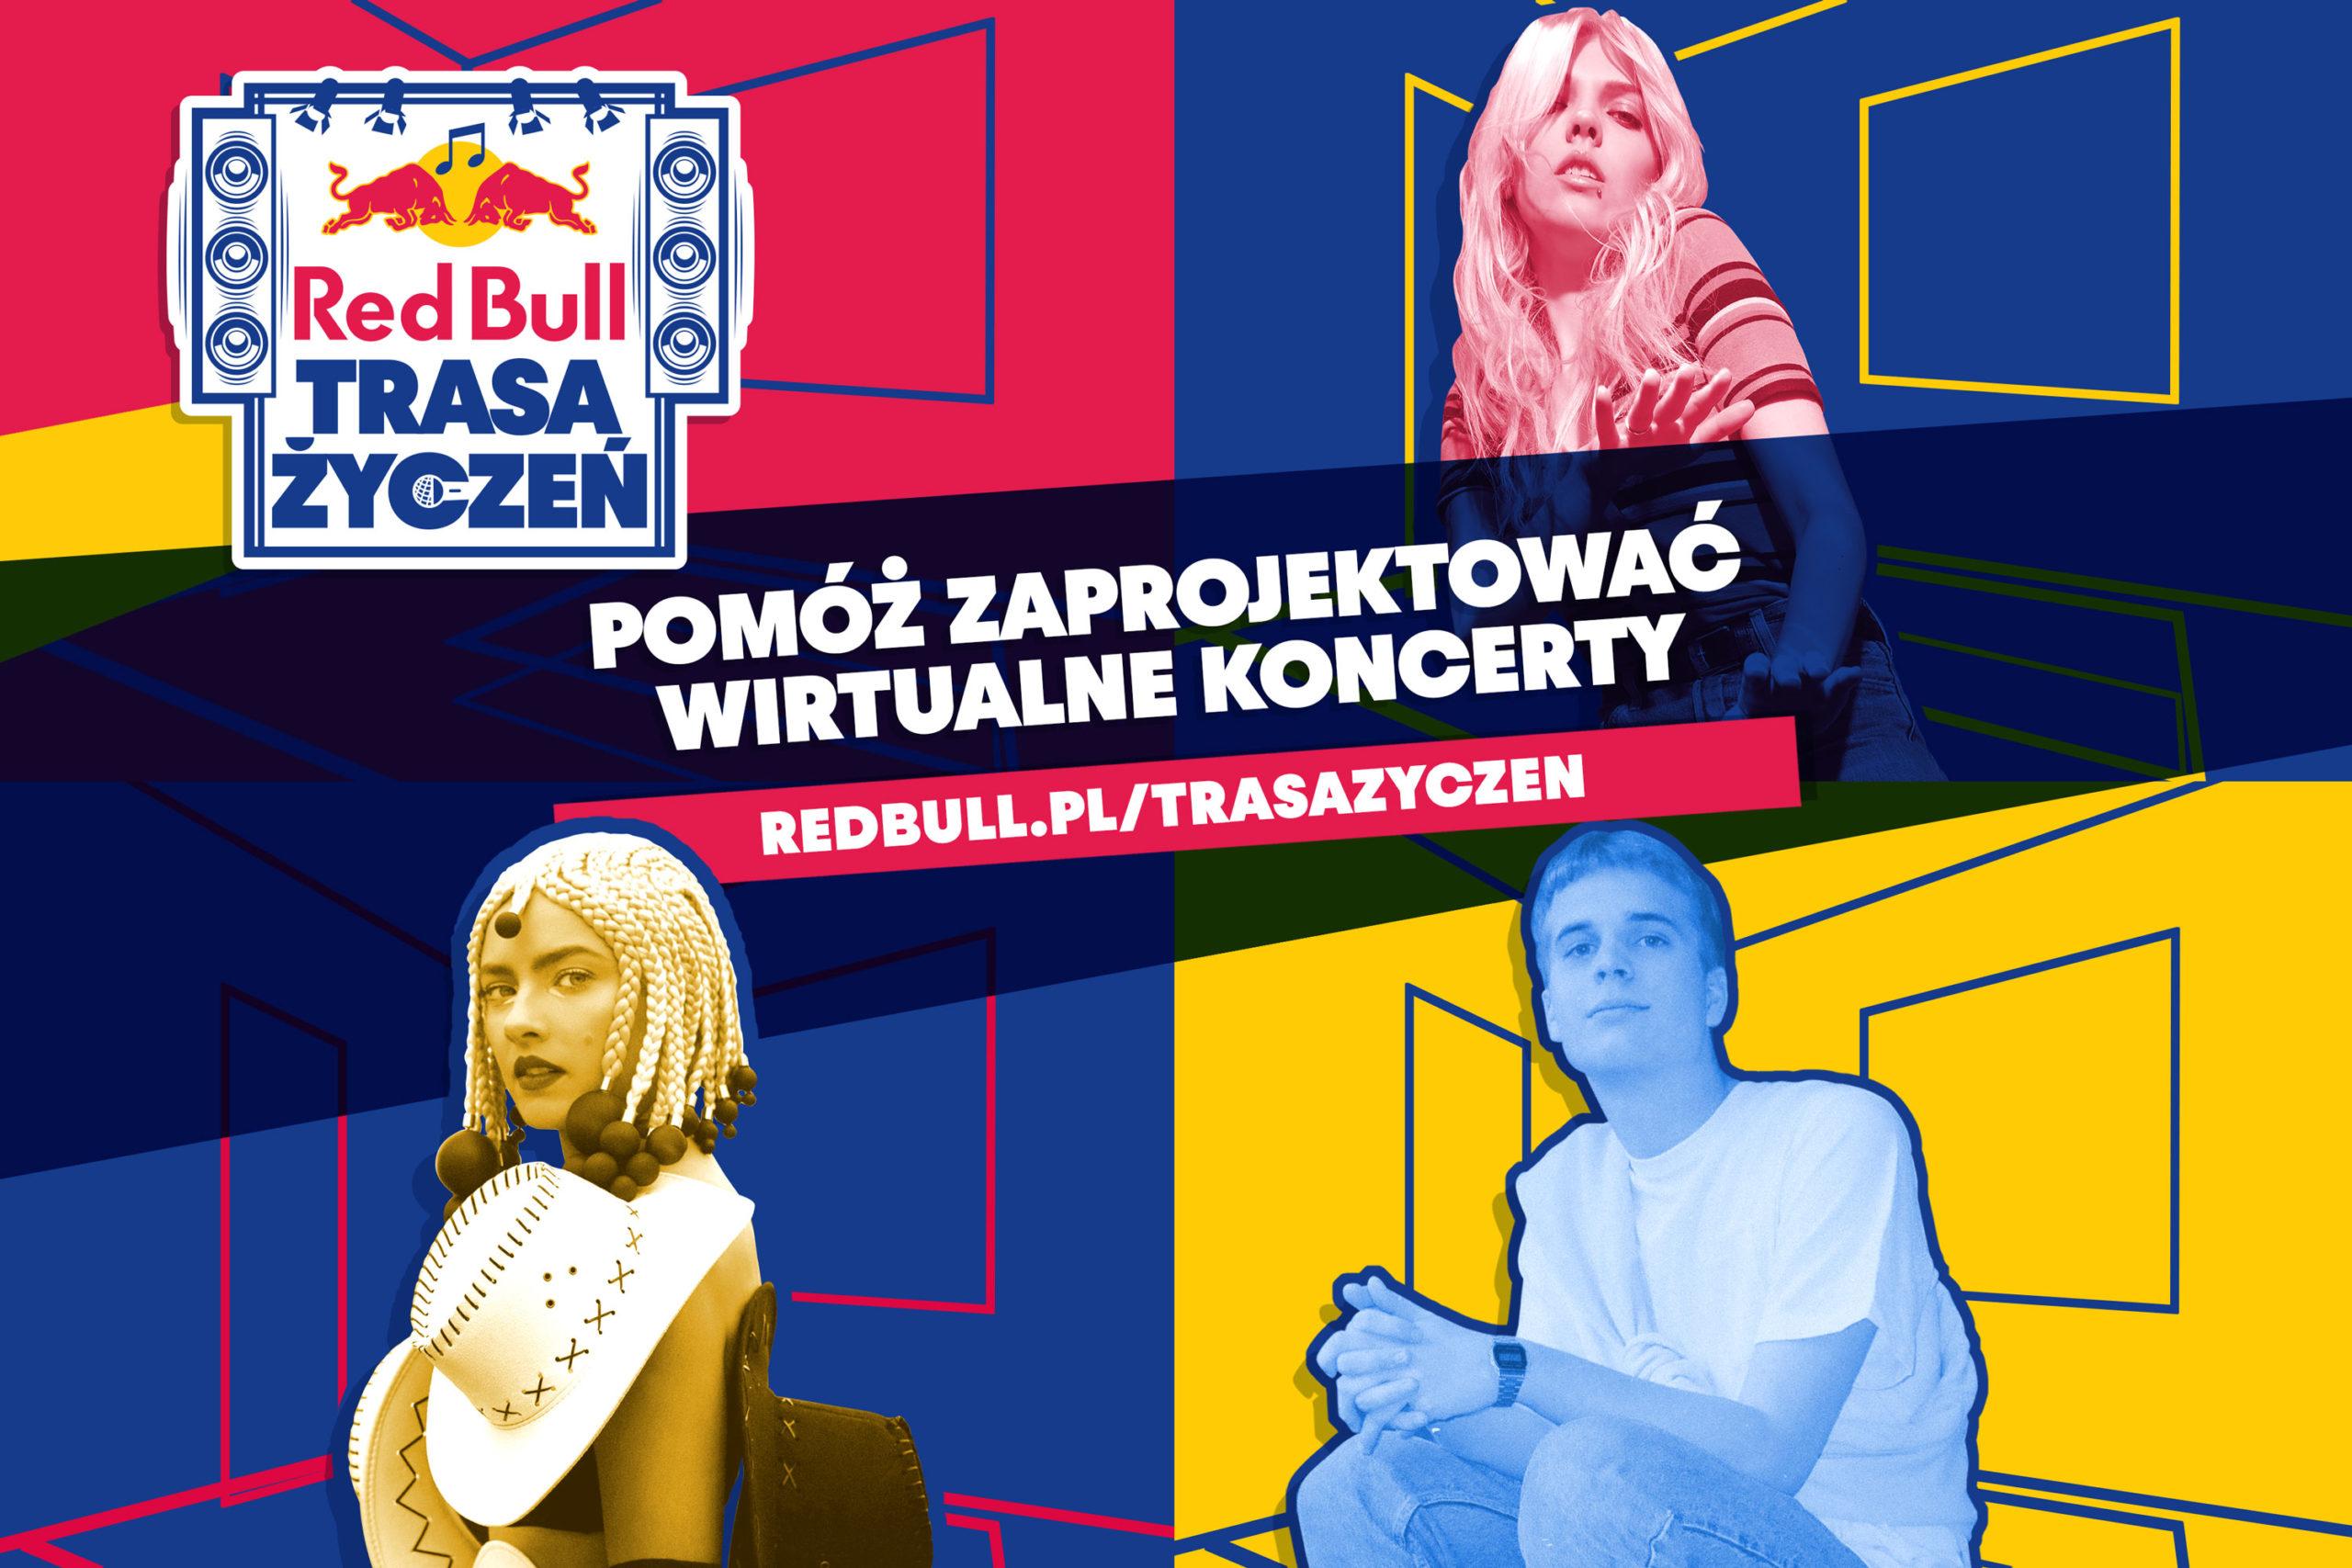 Red Bull Trasa Życzeń – Bądź więcej niż tylko widzem!